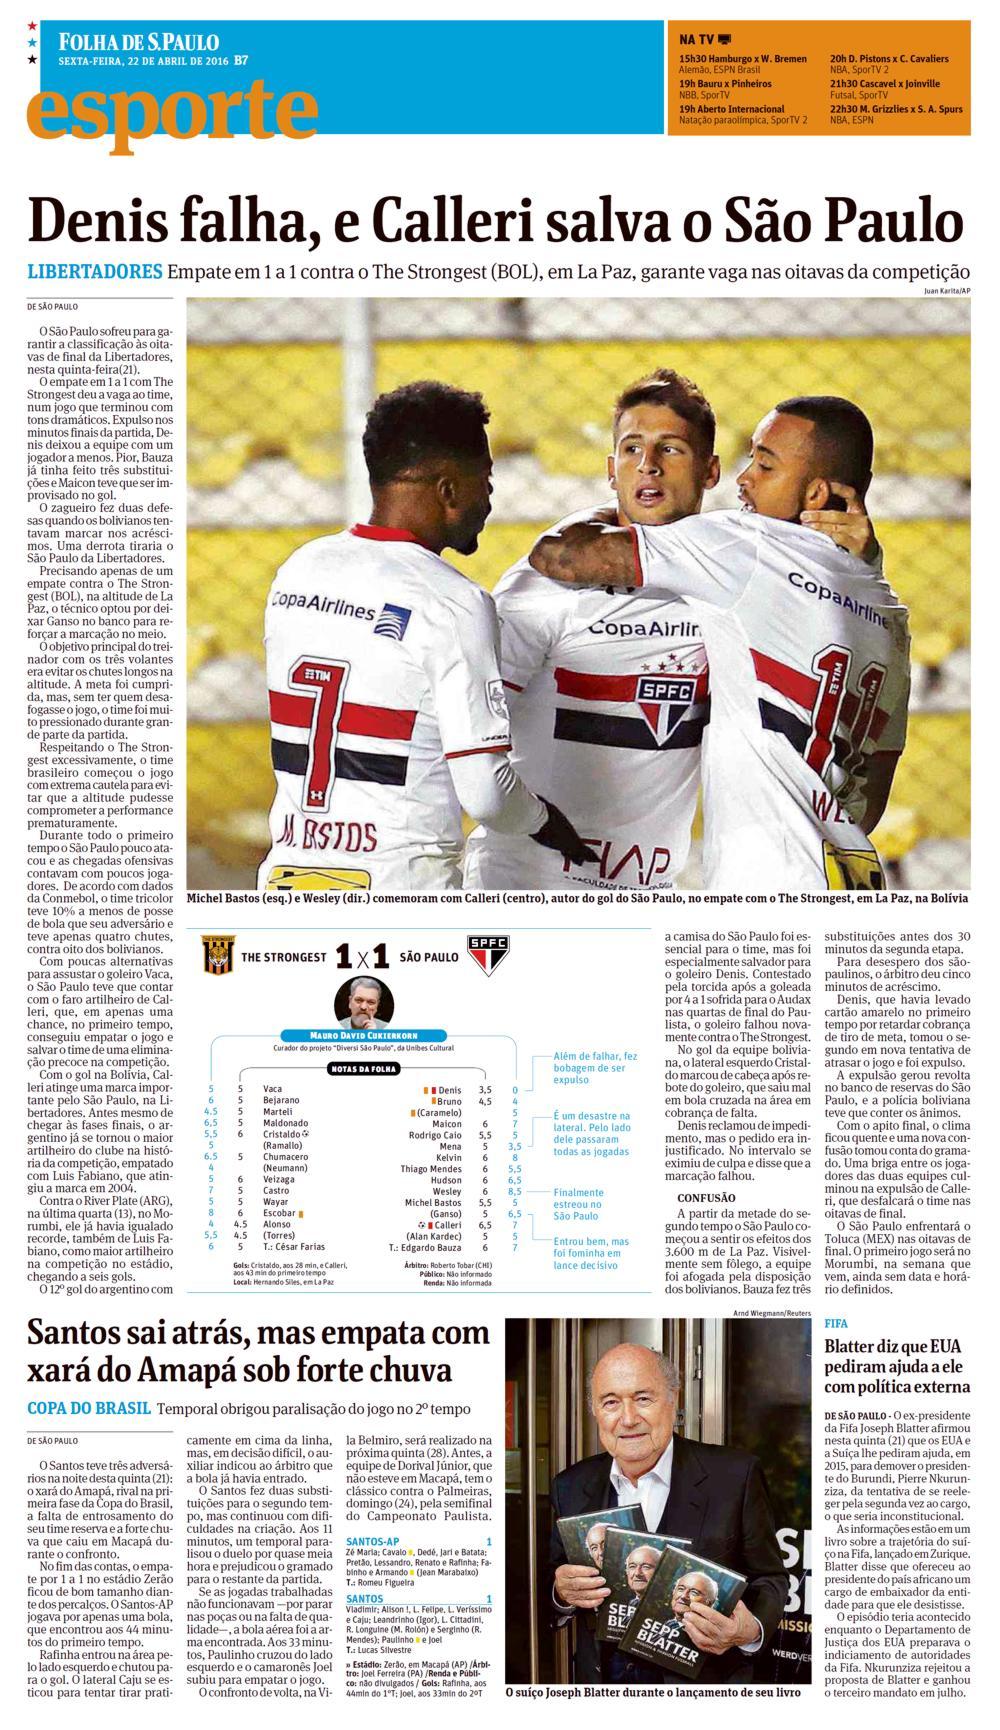 f8b5363b84 Jornal Folha de S. Paulo – Notícias (DENIS FALHA, E CALLERI SALVA O ...